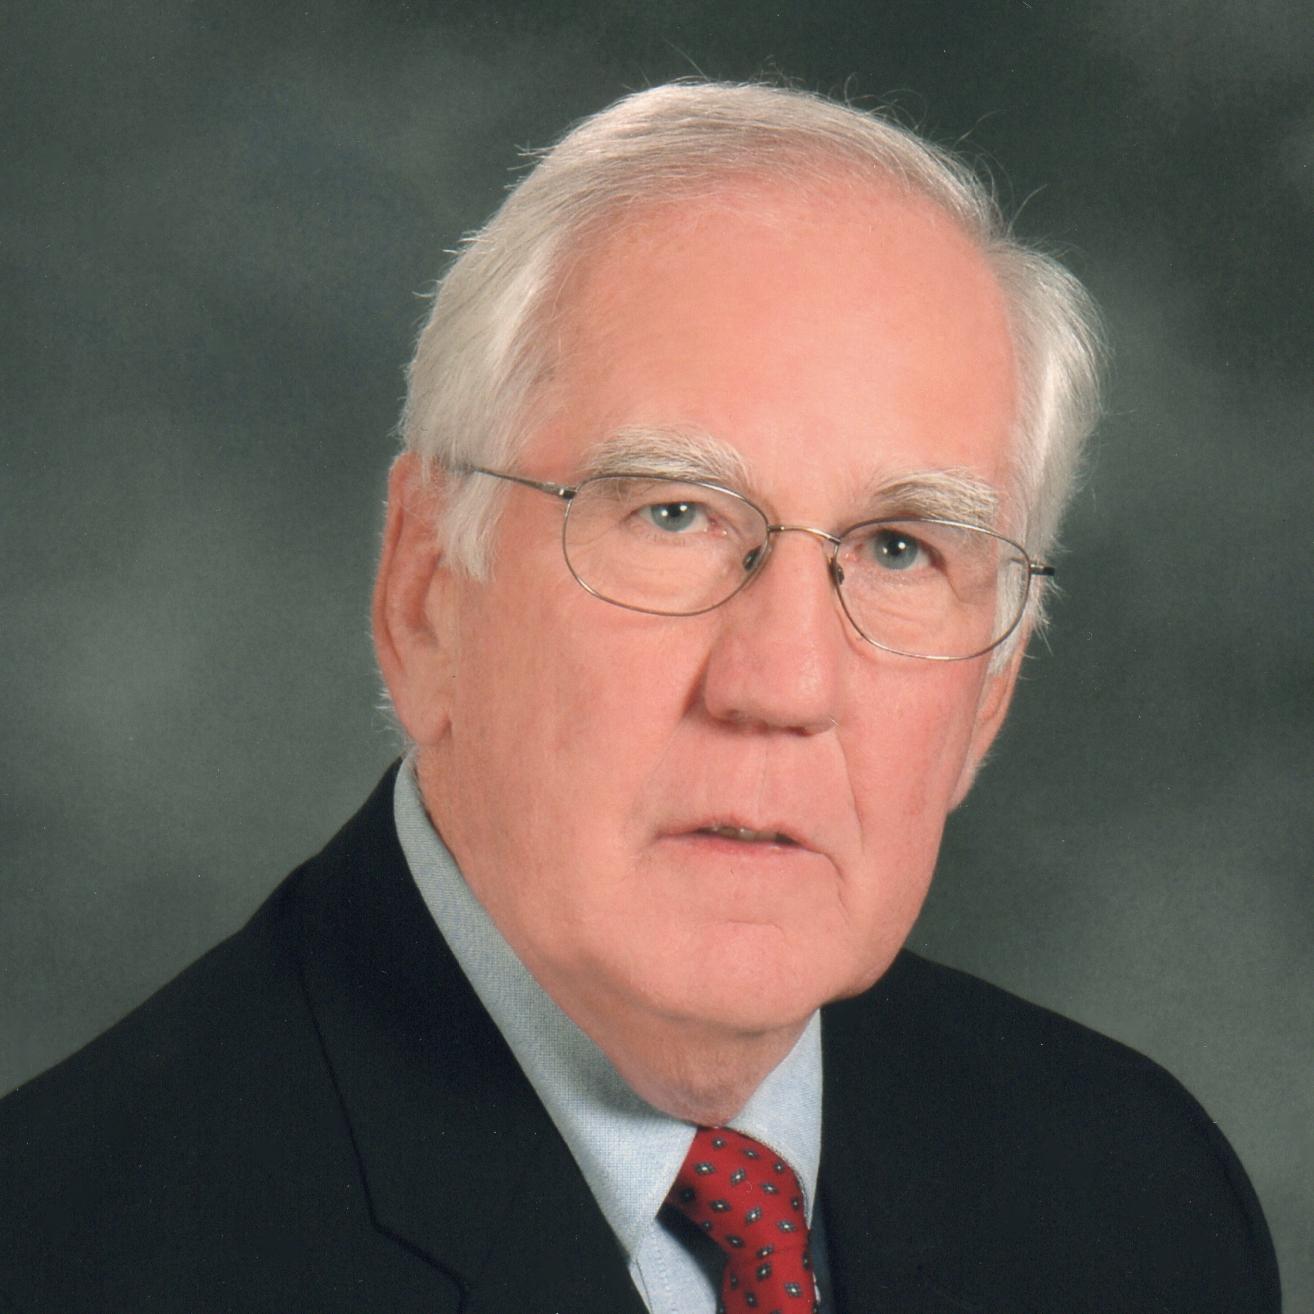 Edward L. Morris Jr., Esq. of Lowell, MA